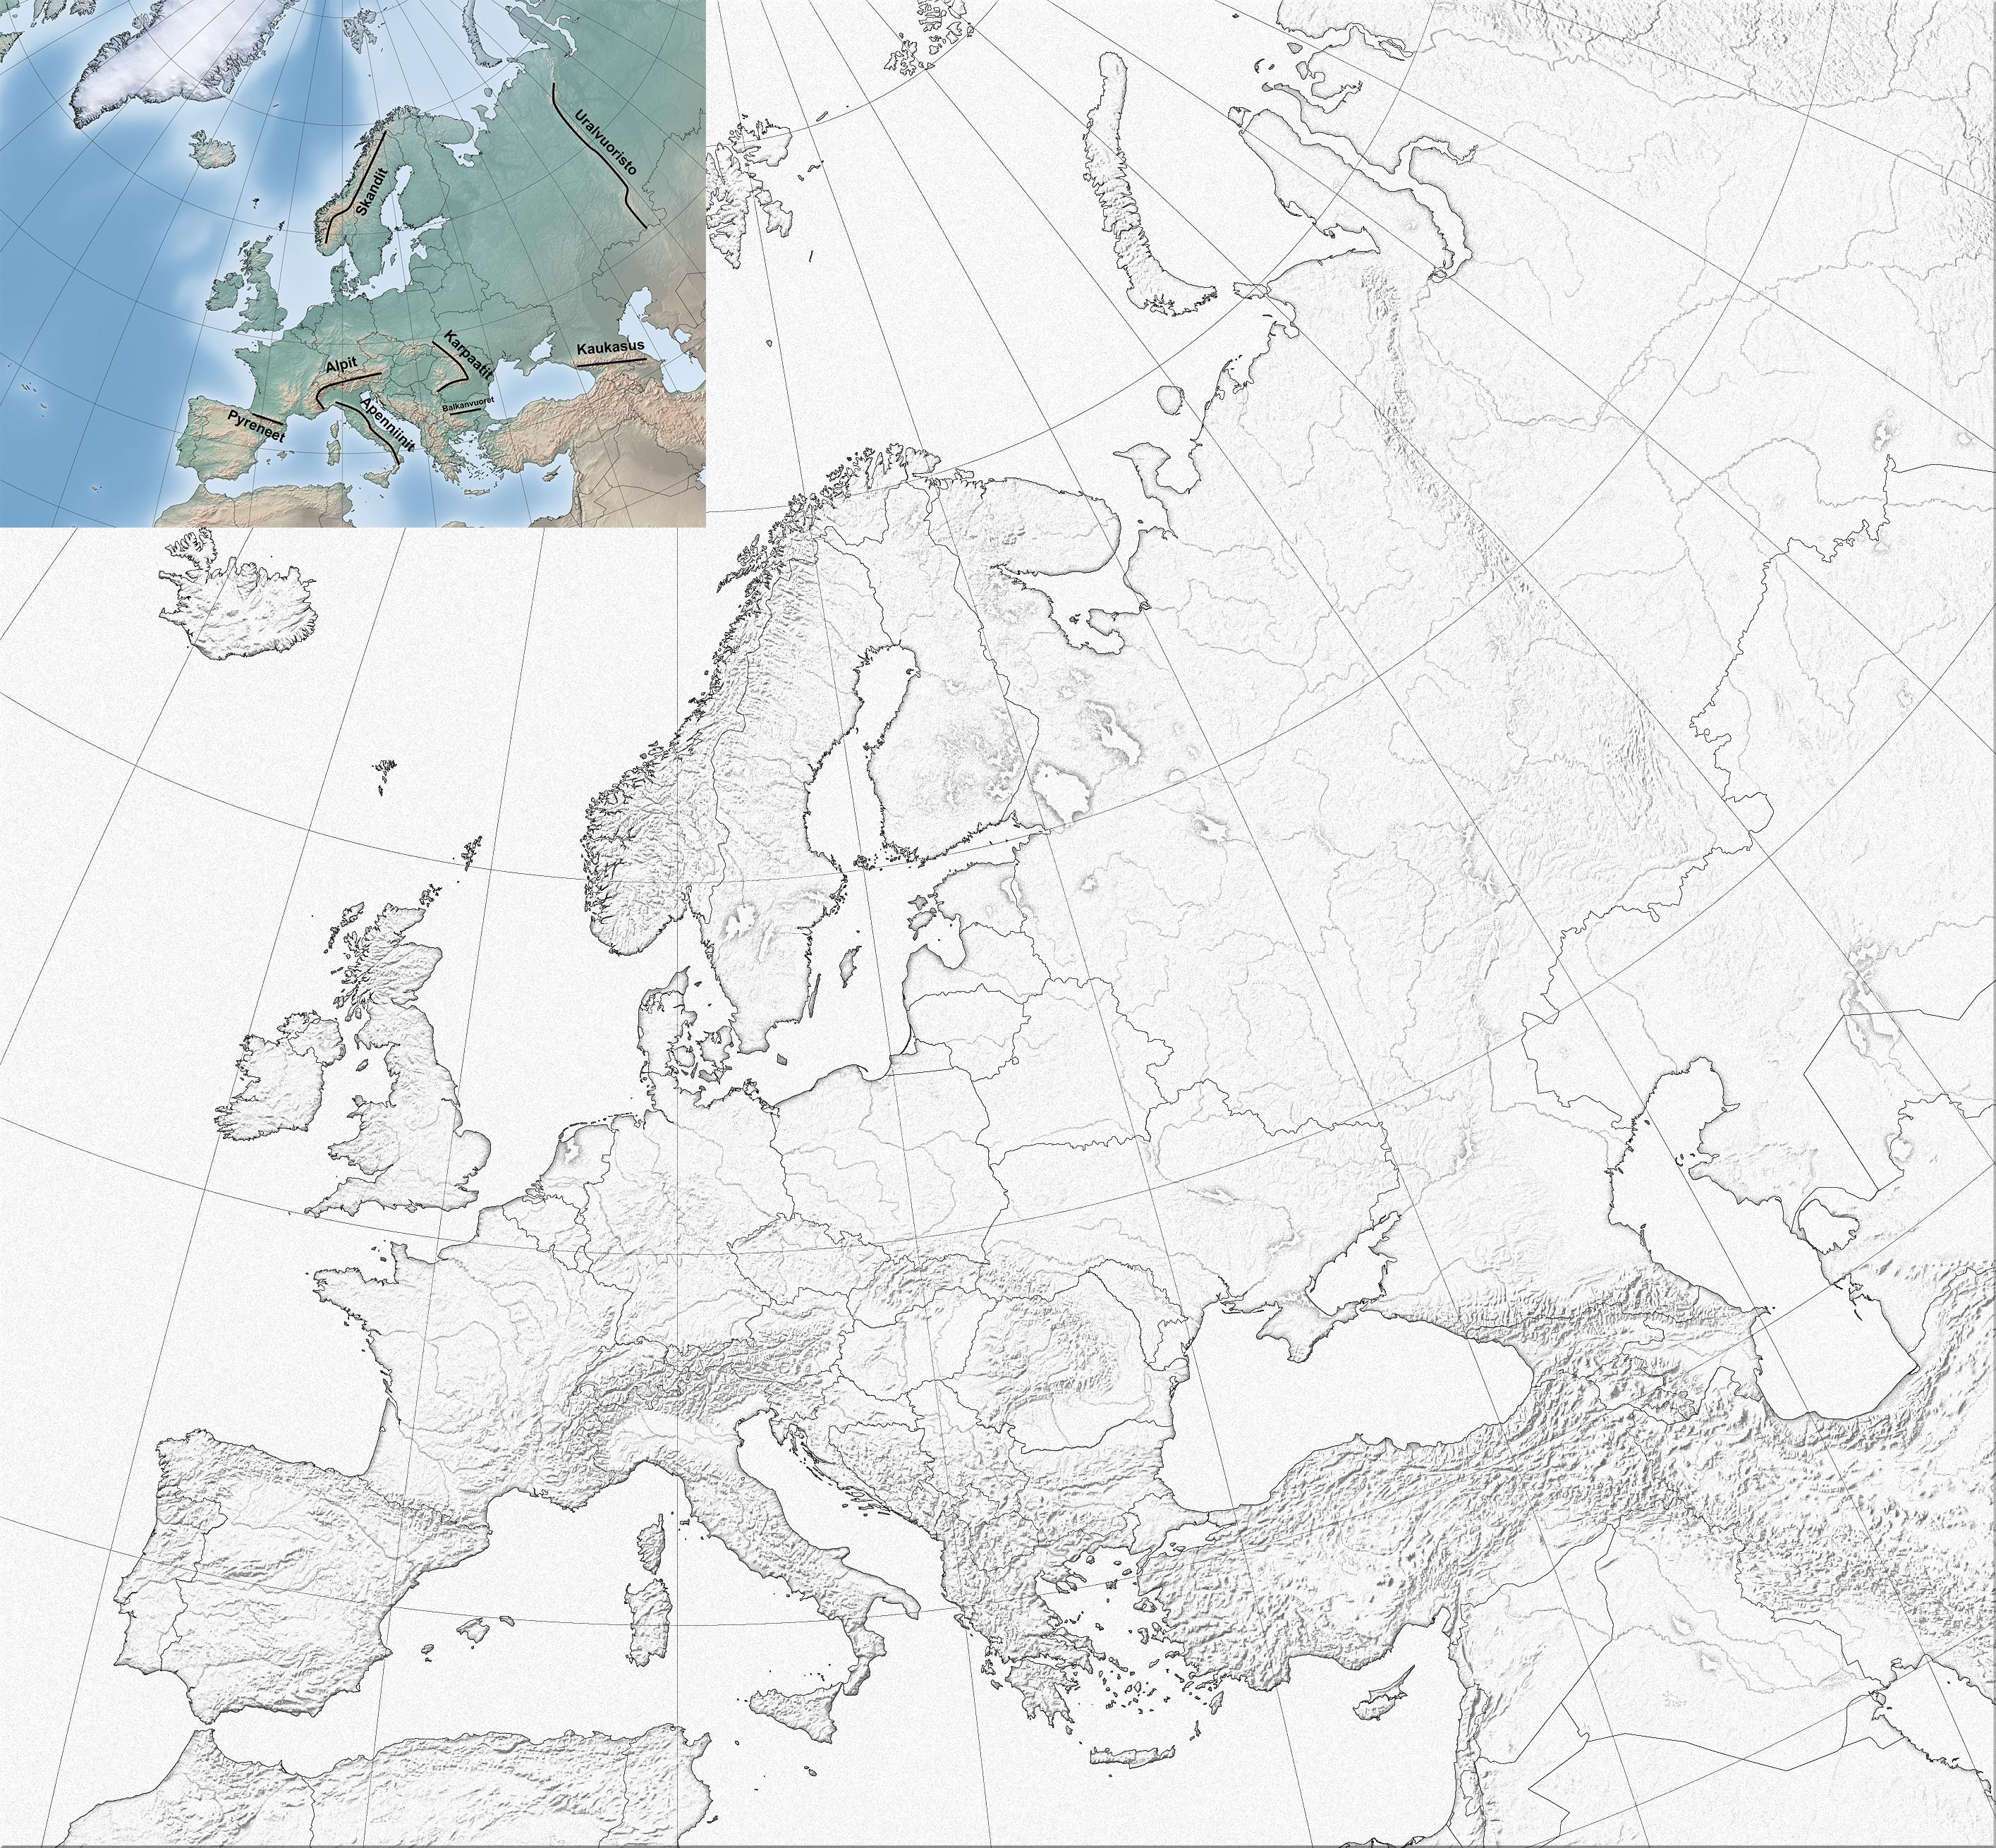 Euroopan Kartta Malli Ja Varitys Jpg